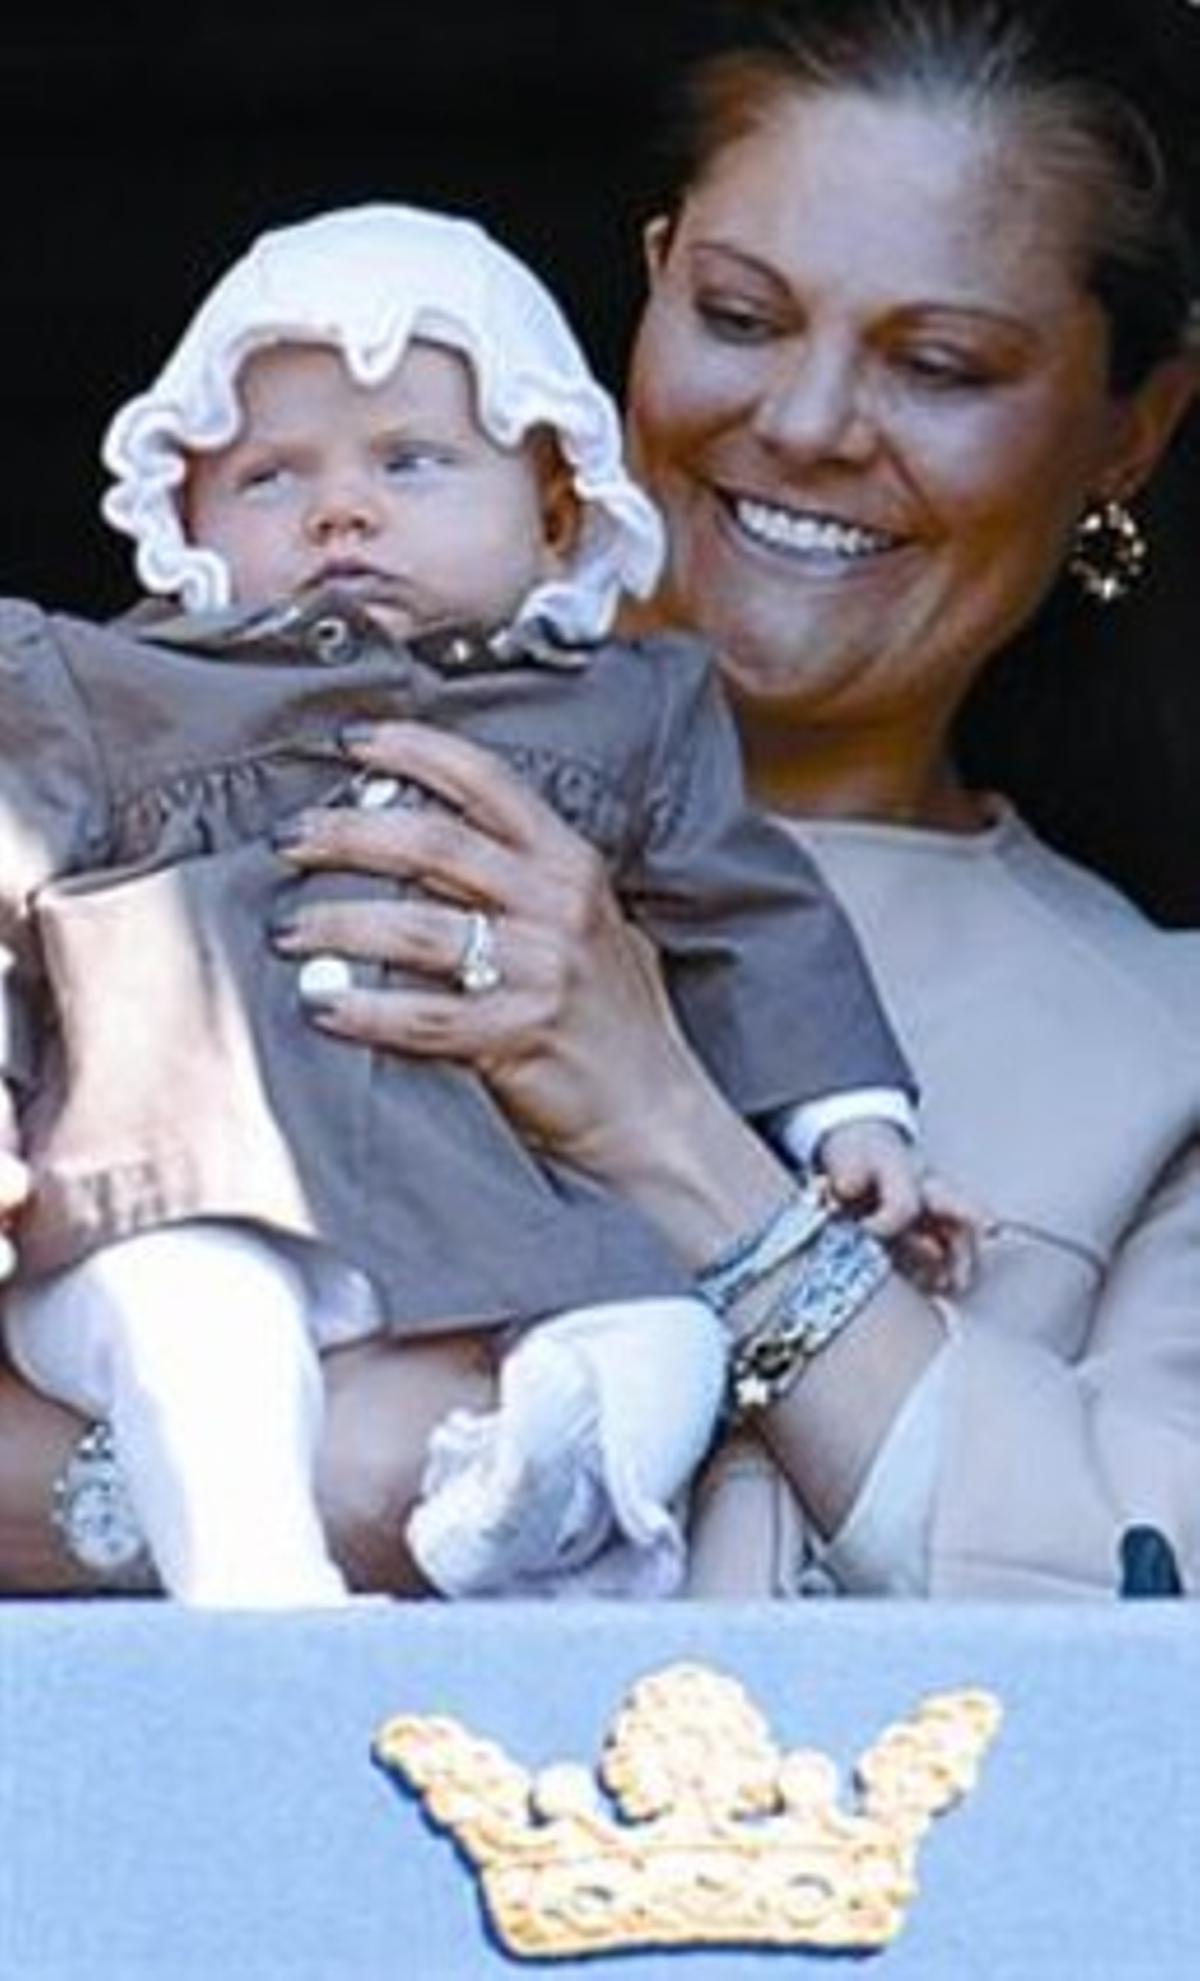 Estrena pública per a la princesa sueca Estelle